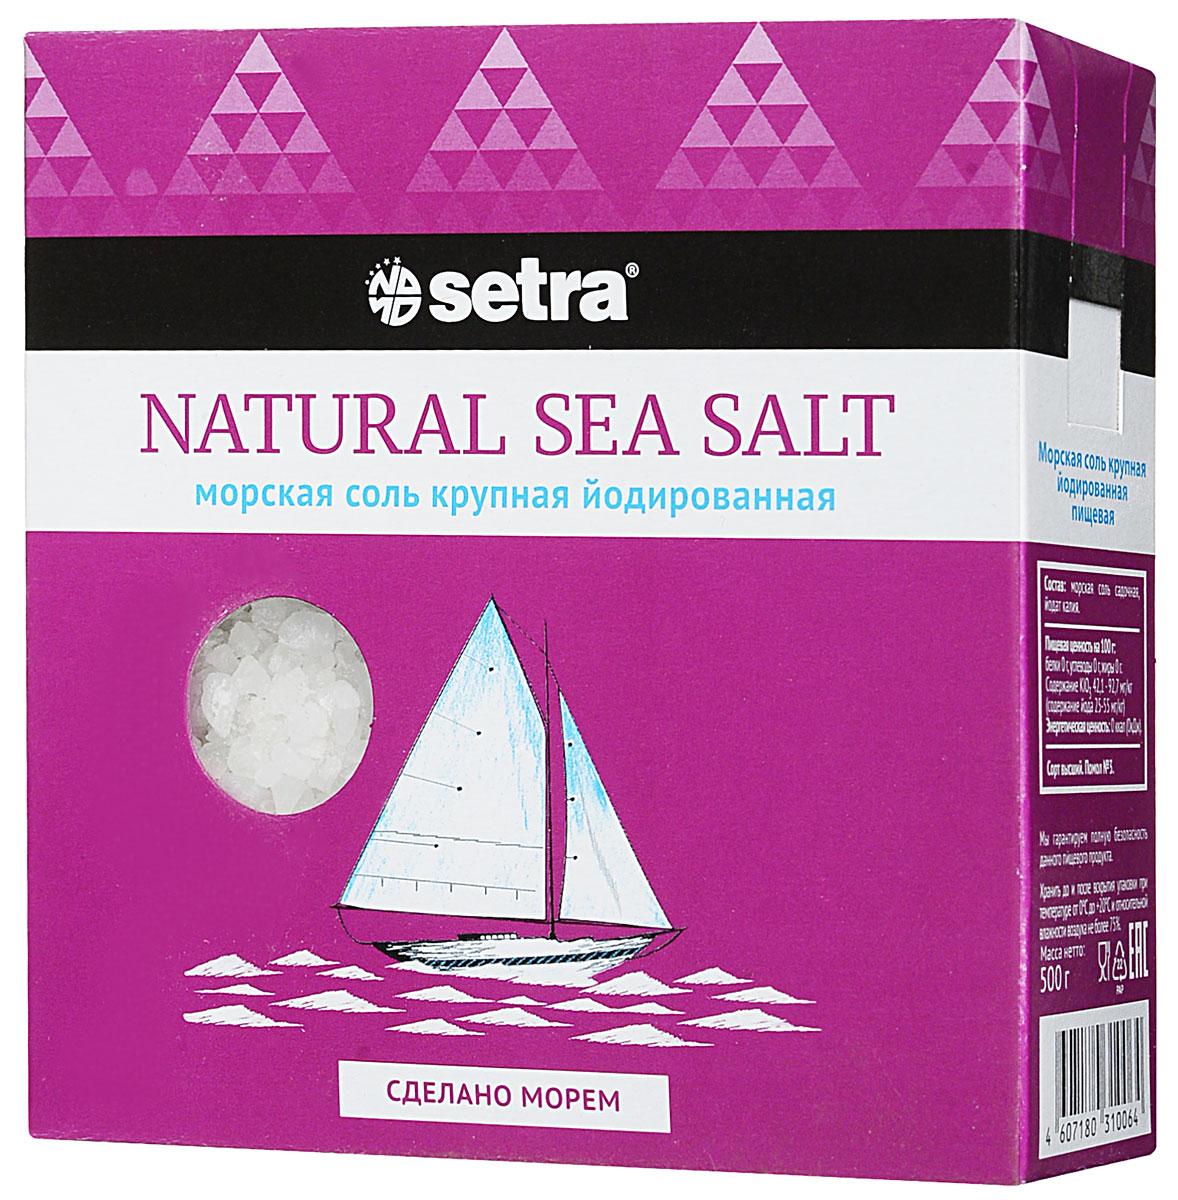 Соль Setra морская крупная йодированная, 500 г соль setra морская мелкая йодированная 500 г